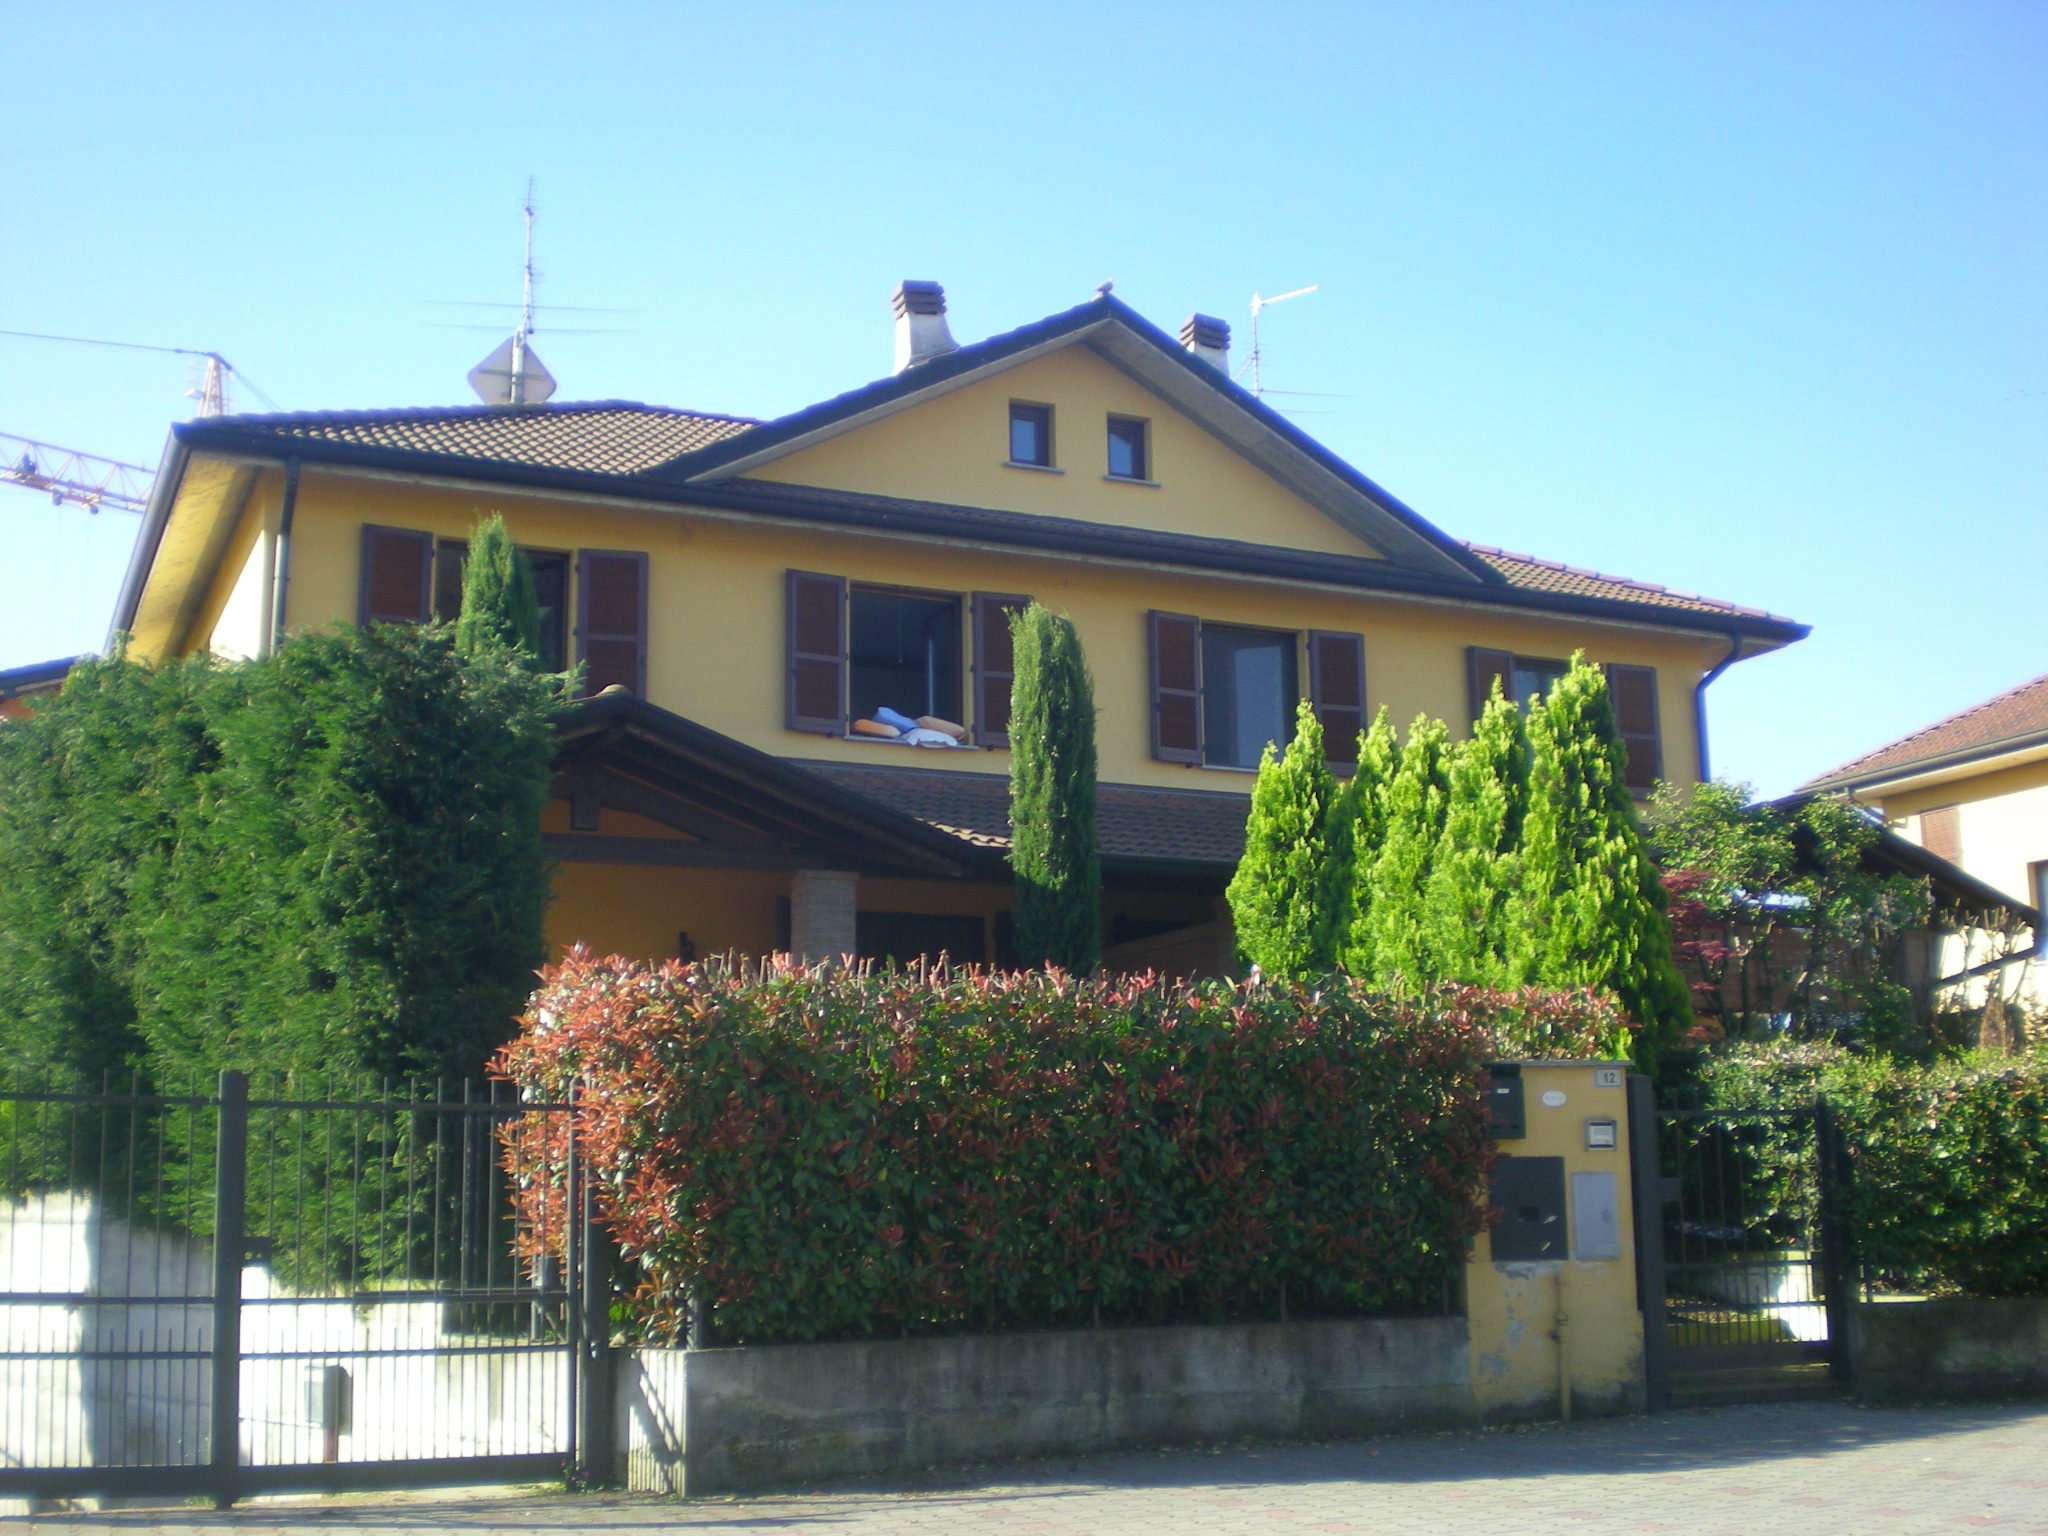 Villa Bifamiliare in vendita a Boffalora d'Adda, 7 locali, prezzo € 268.000 | Cambio Casa.it